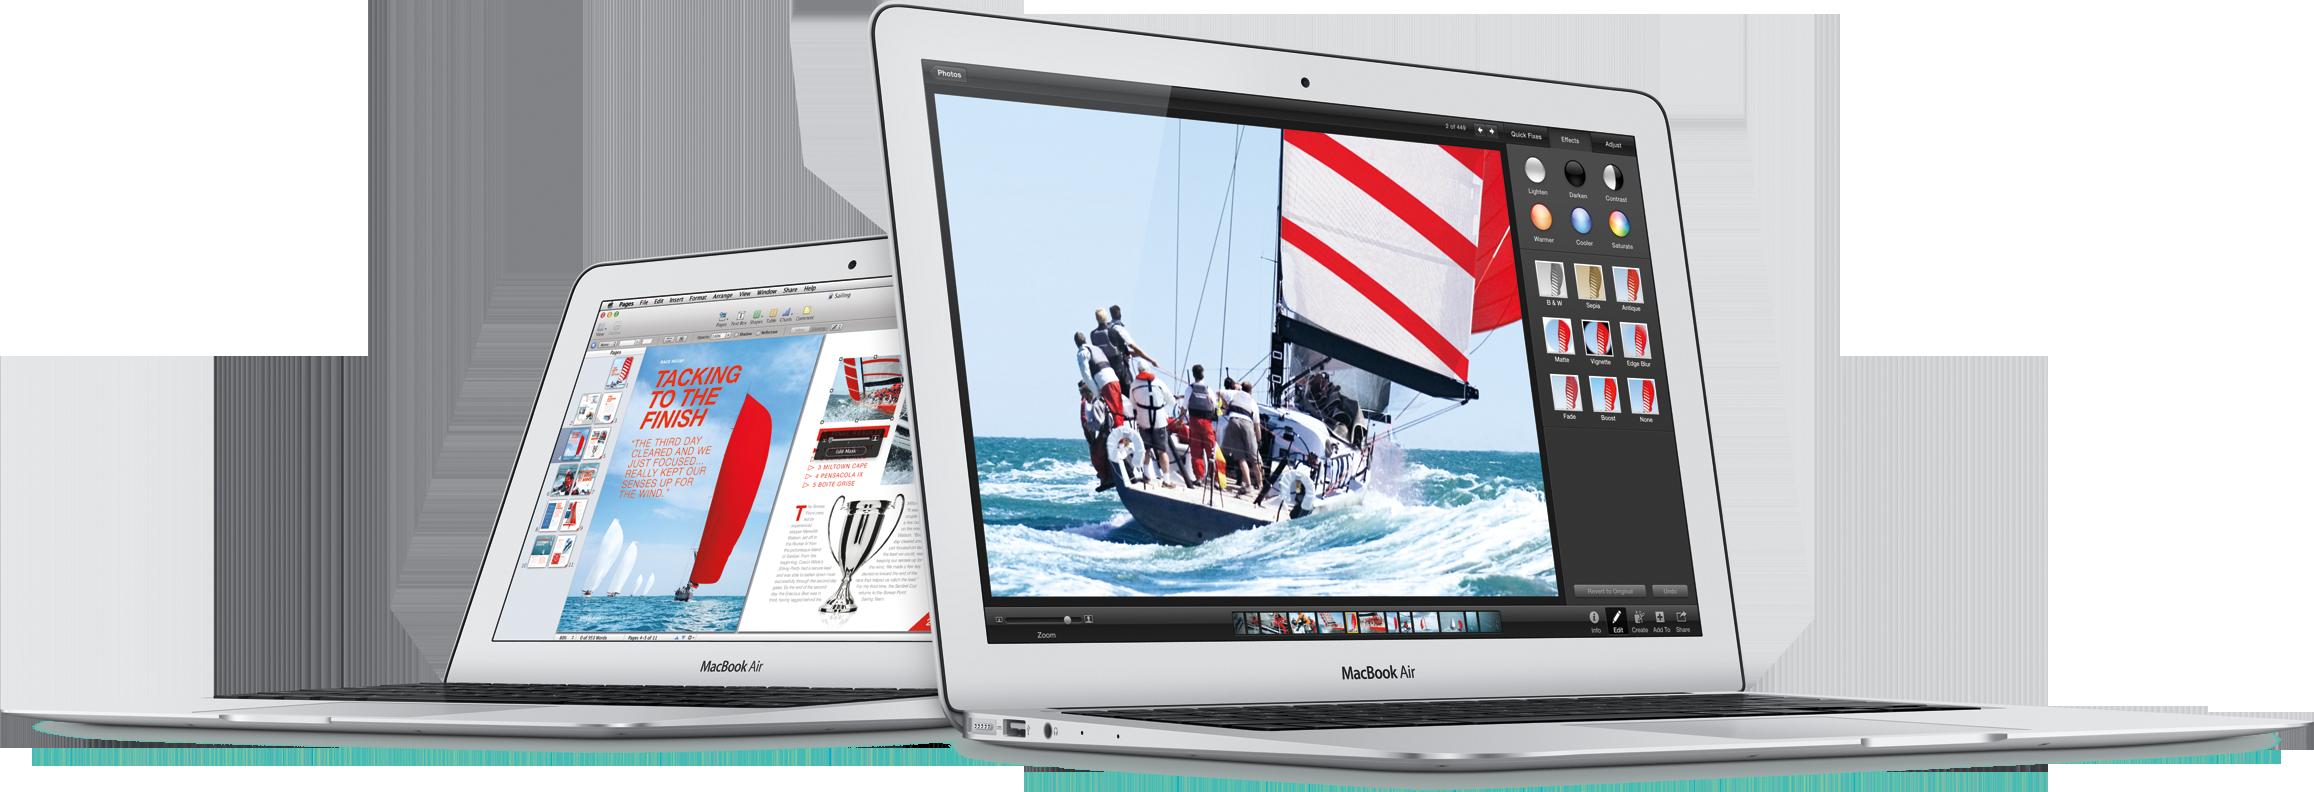 Novos MacBooks Air de 11 e 13 polegadas inclinados de lado